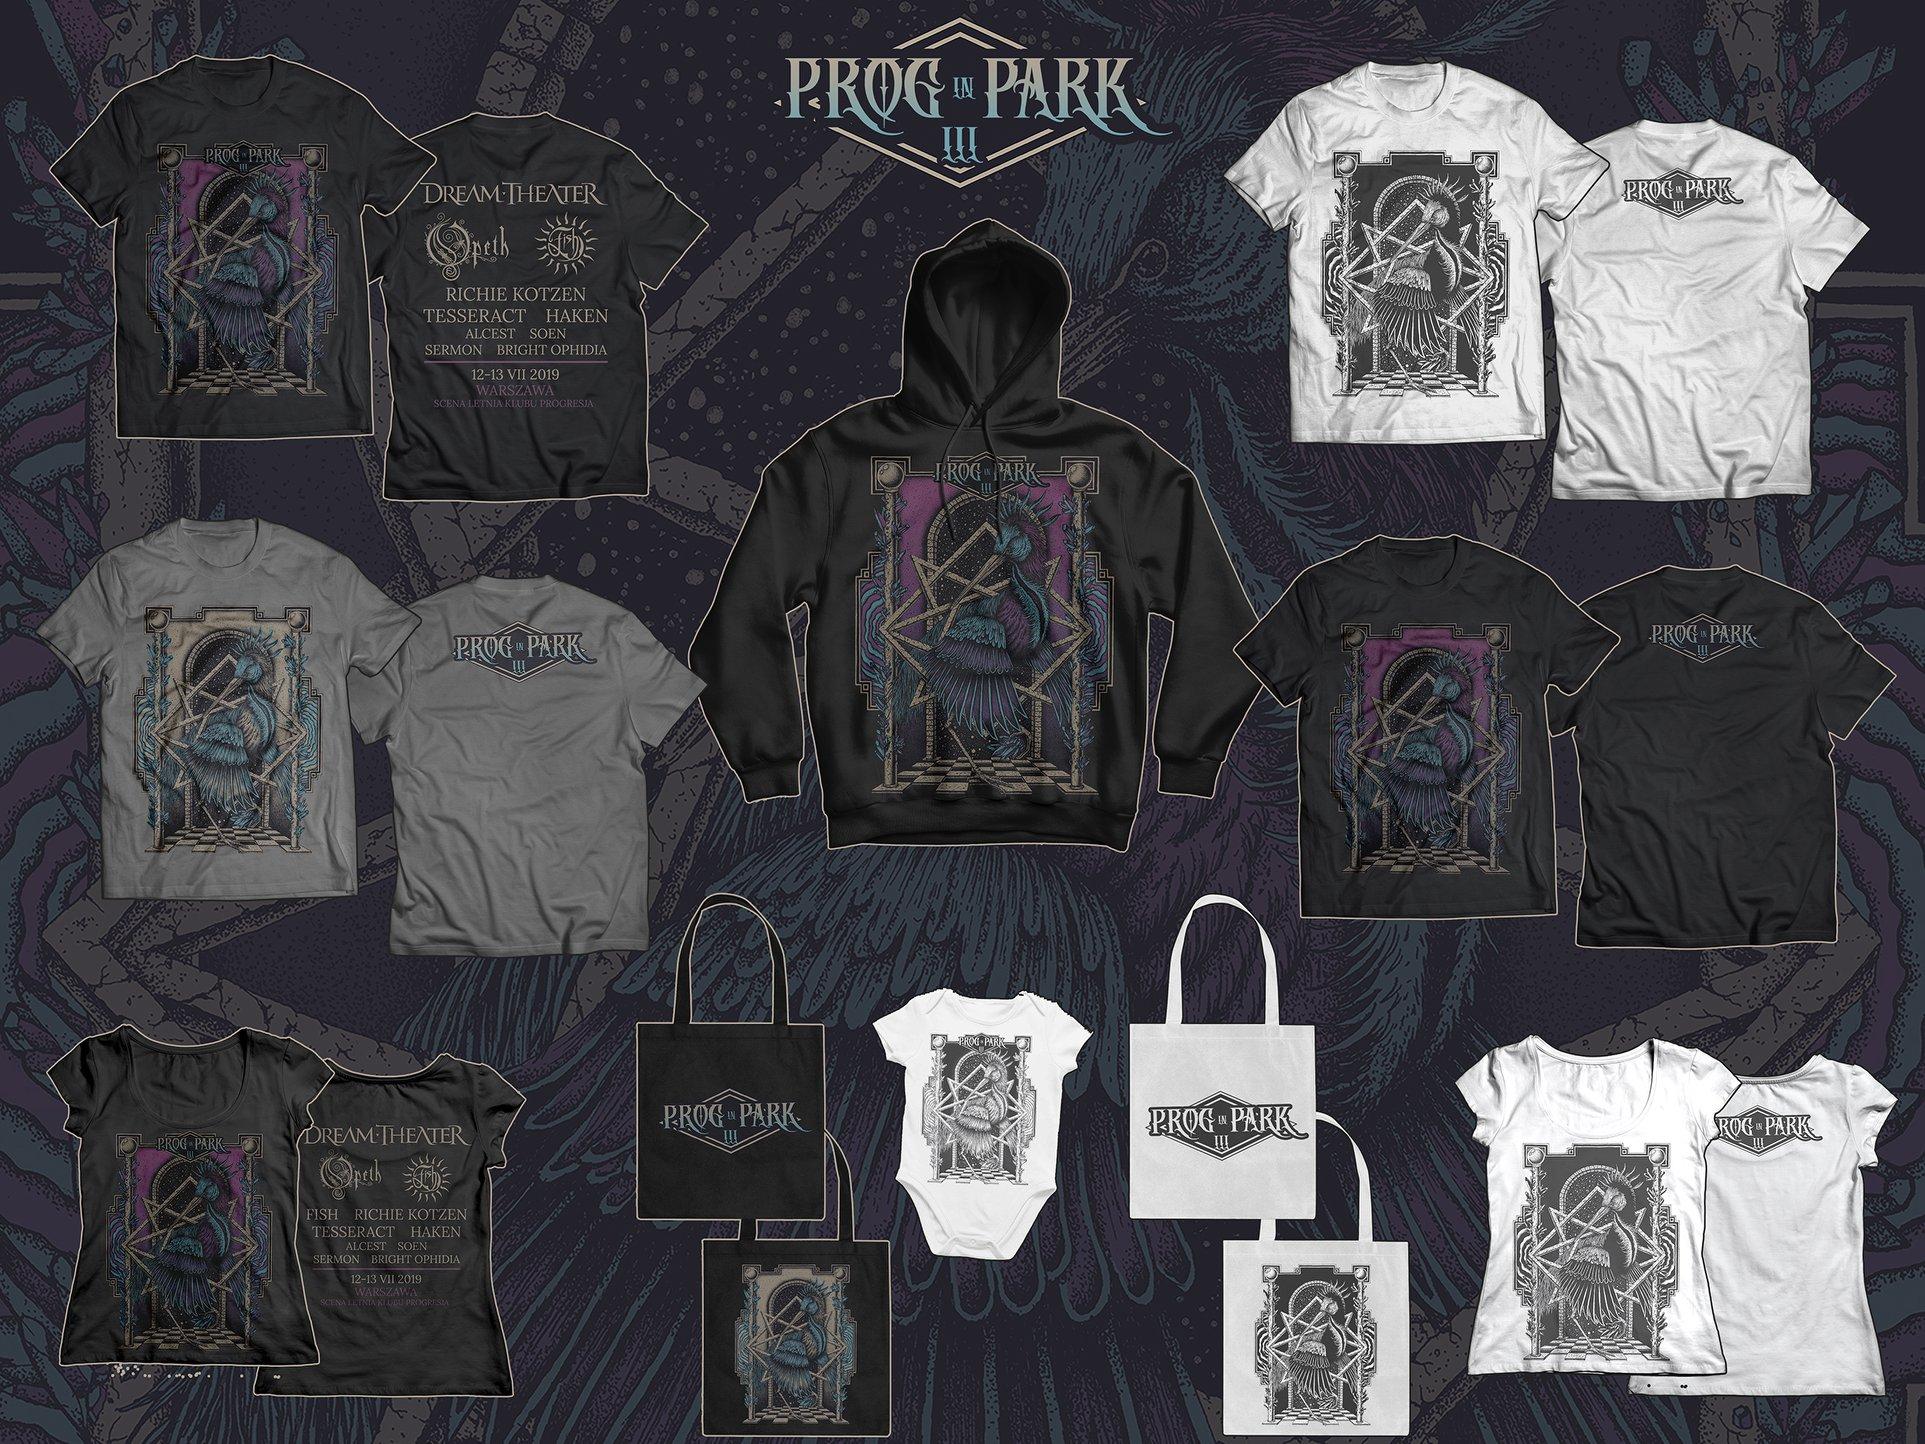 Merchandising Prog in Park 2019